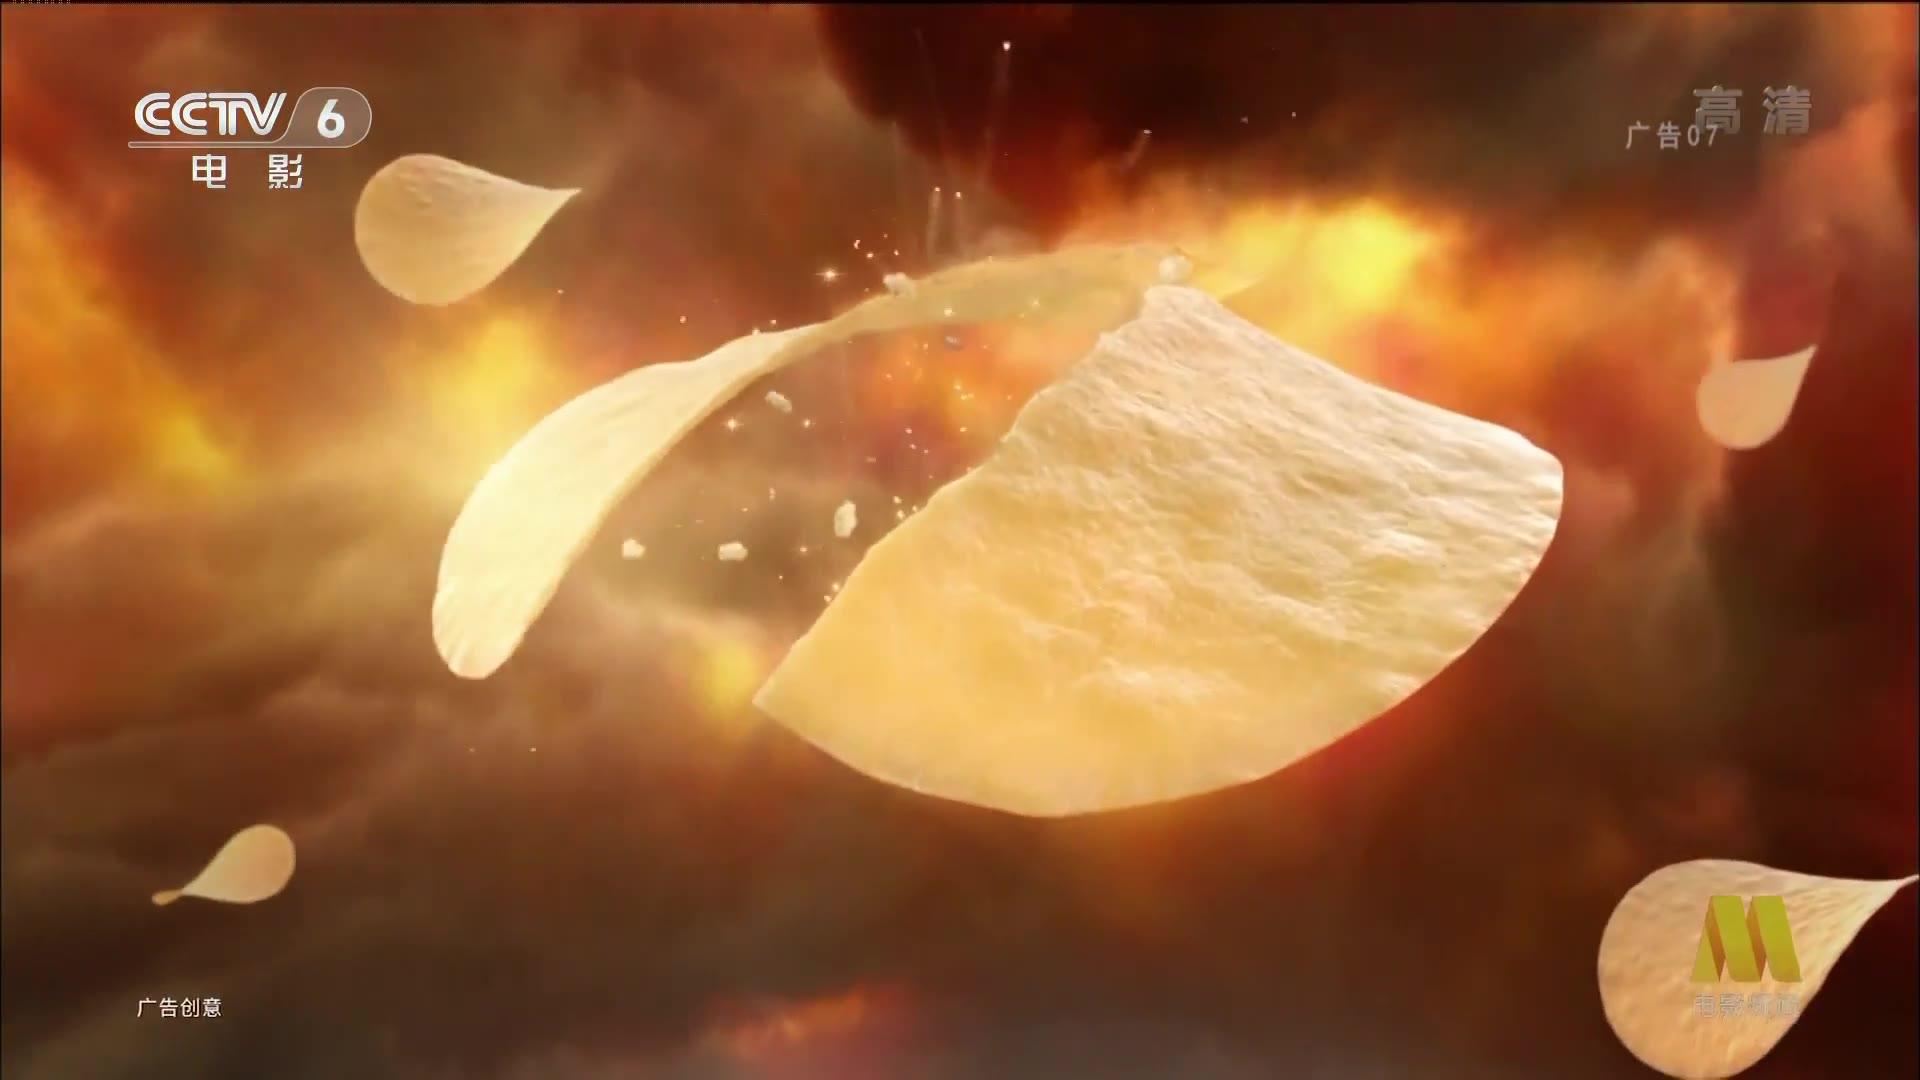 央视广告欣赏-乐事香辣小龙虾味薯片